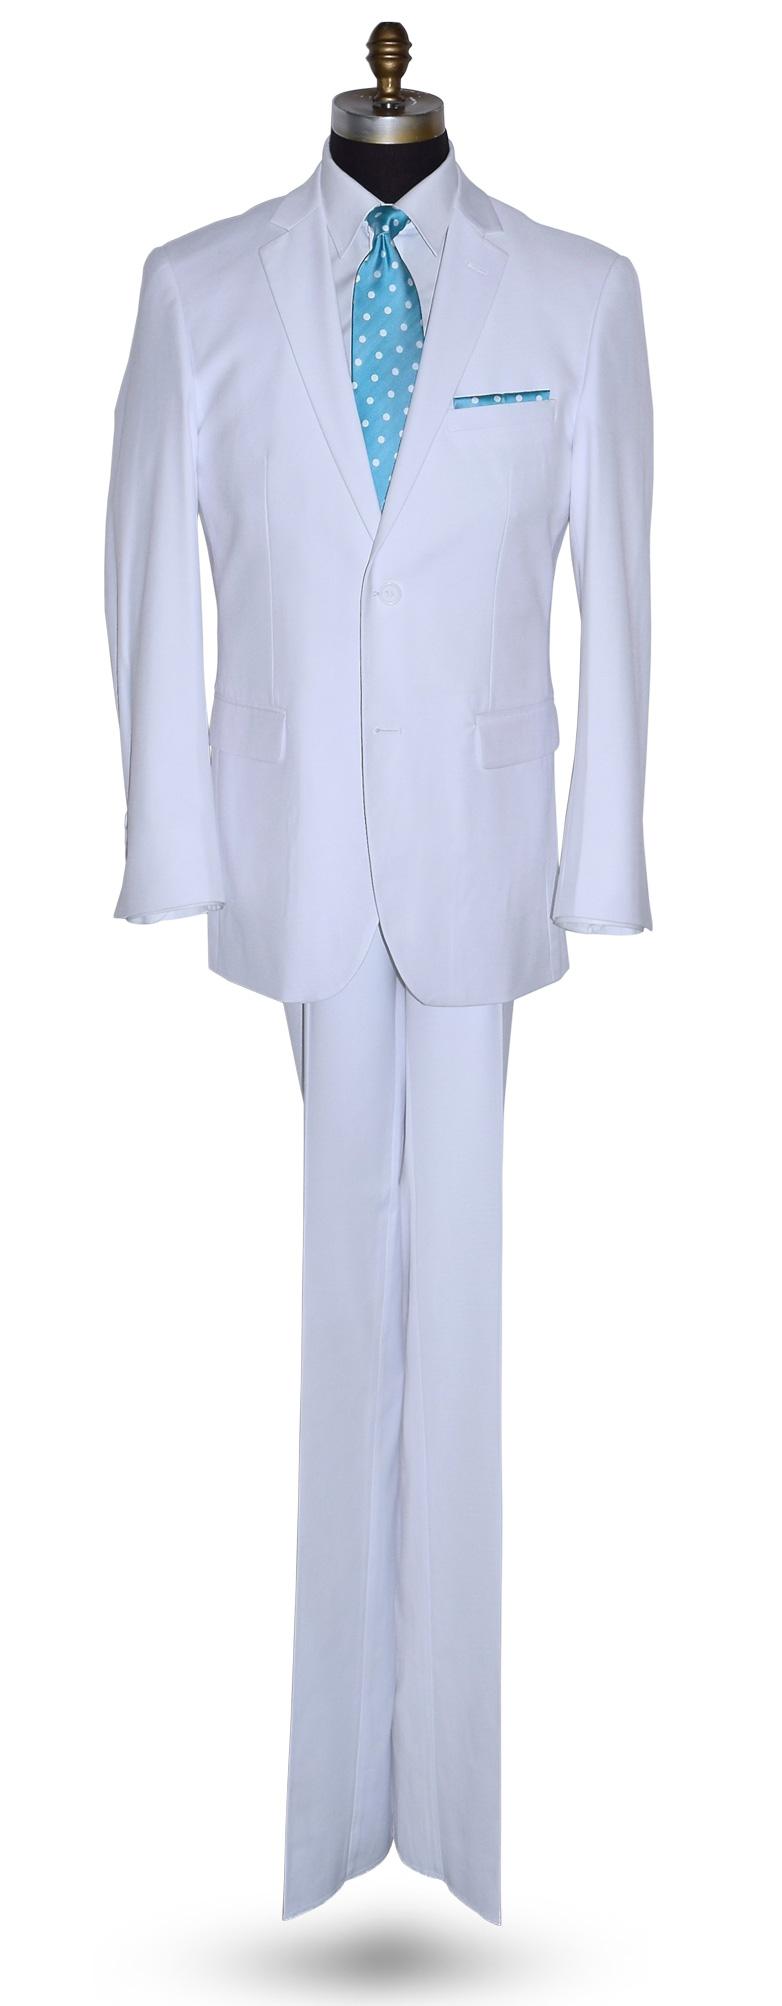 Men's White 3 Piece Suit - Coat, Pants and Vest